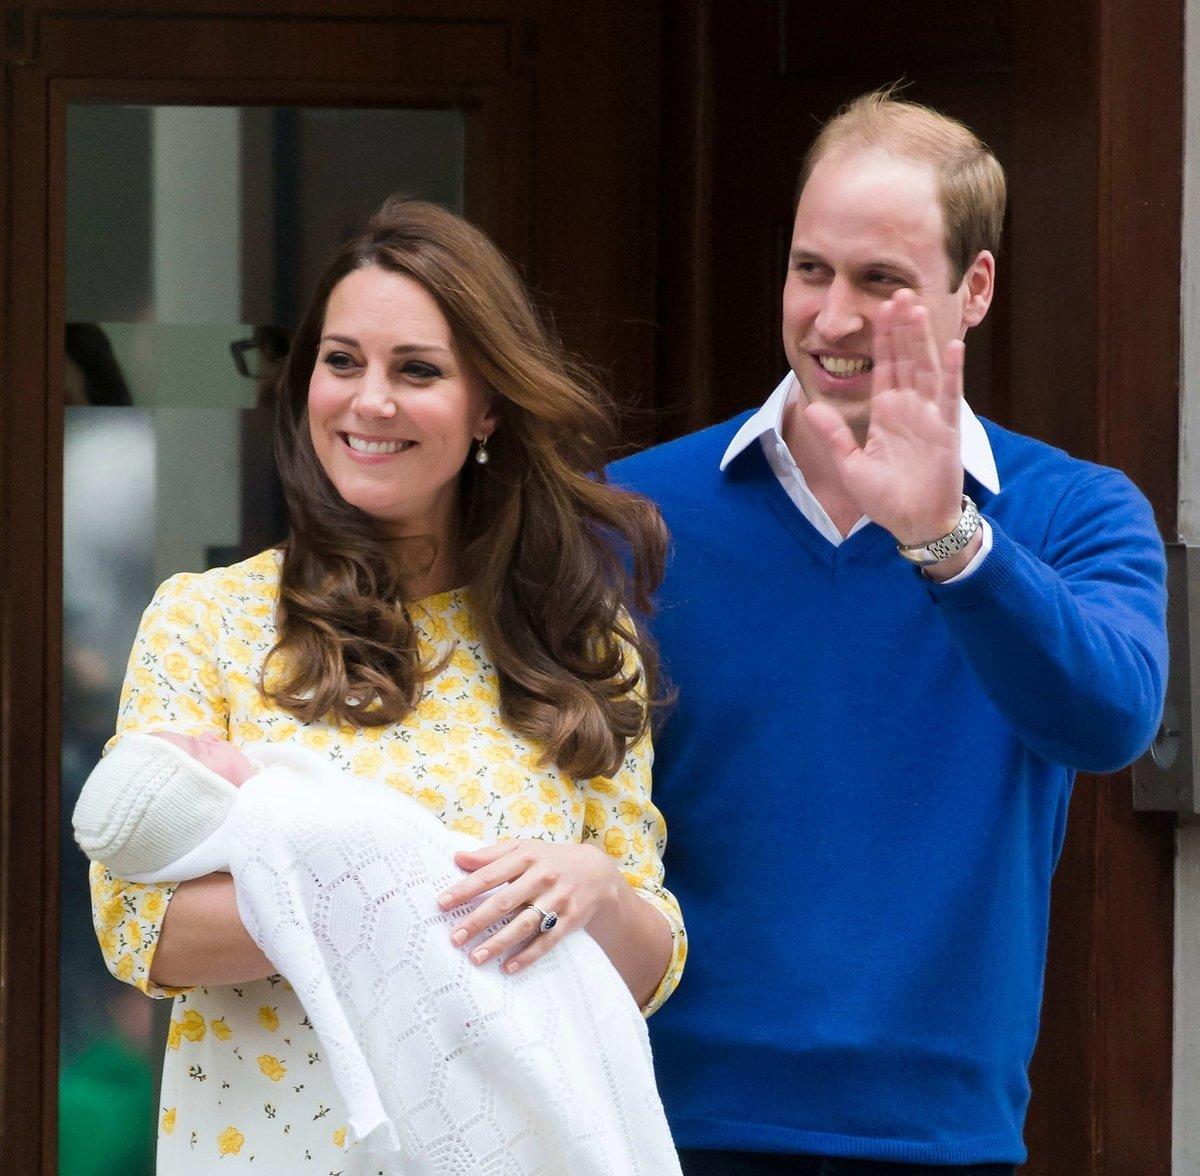 2015, narození dcery Charlotte - o pózování pár hodin po porodu řekla Kate, že bylo trochu děsivé.